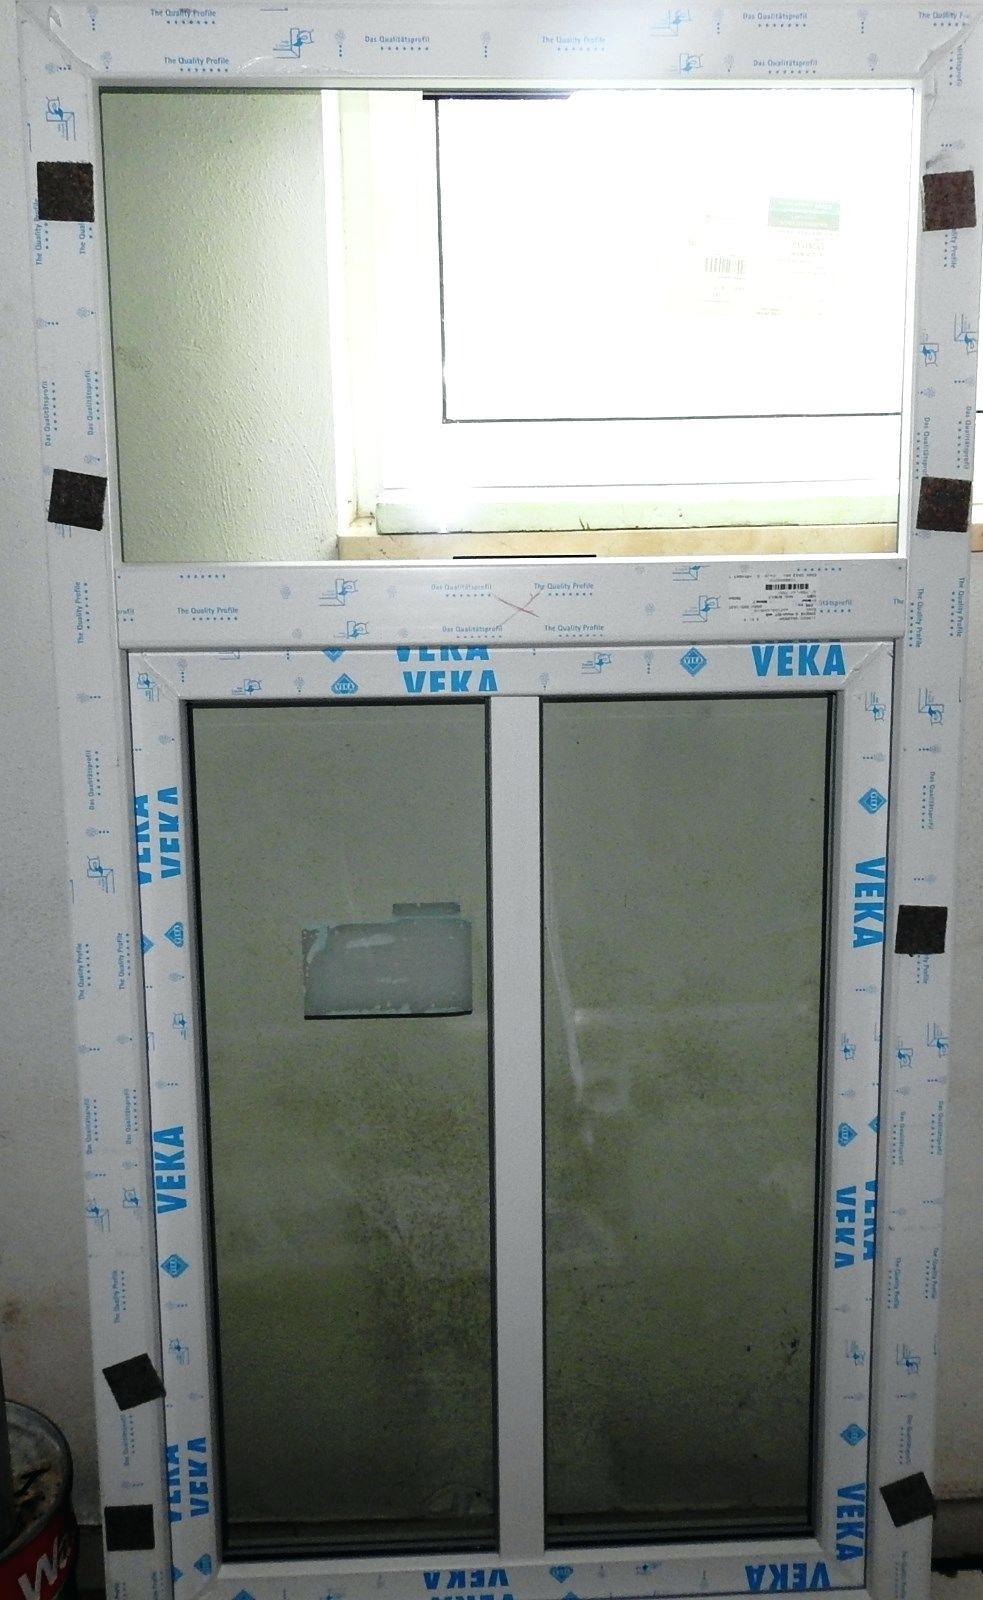 Full Size of Veka Fenster Preise Hersteller Polen Polnische Sichtschutzfolie Einseitig Durchsichtig Bauhaus Absturzsicherung Mit Eingebauten Rolladen Velux 3 Fach Fenster Veka Fenster Preise